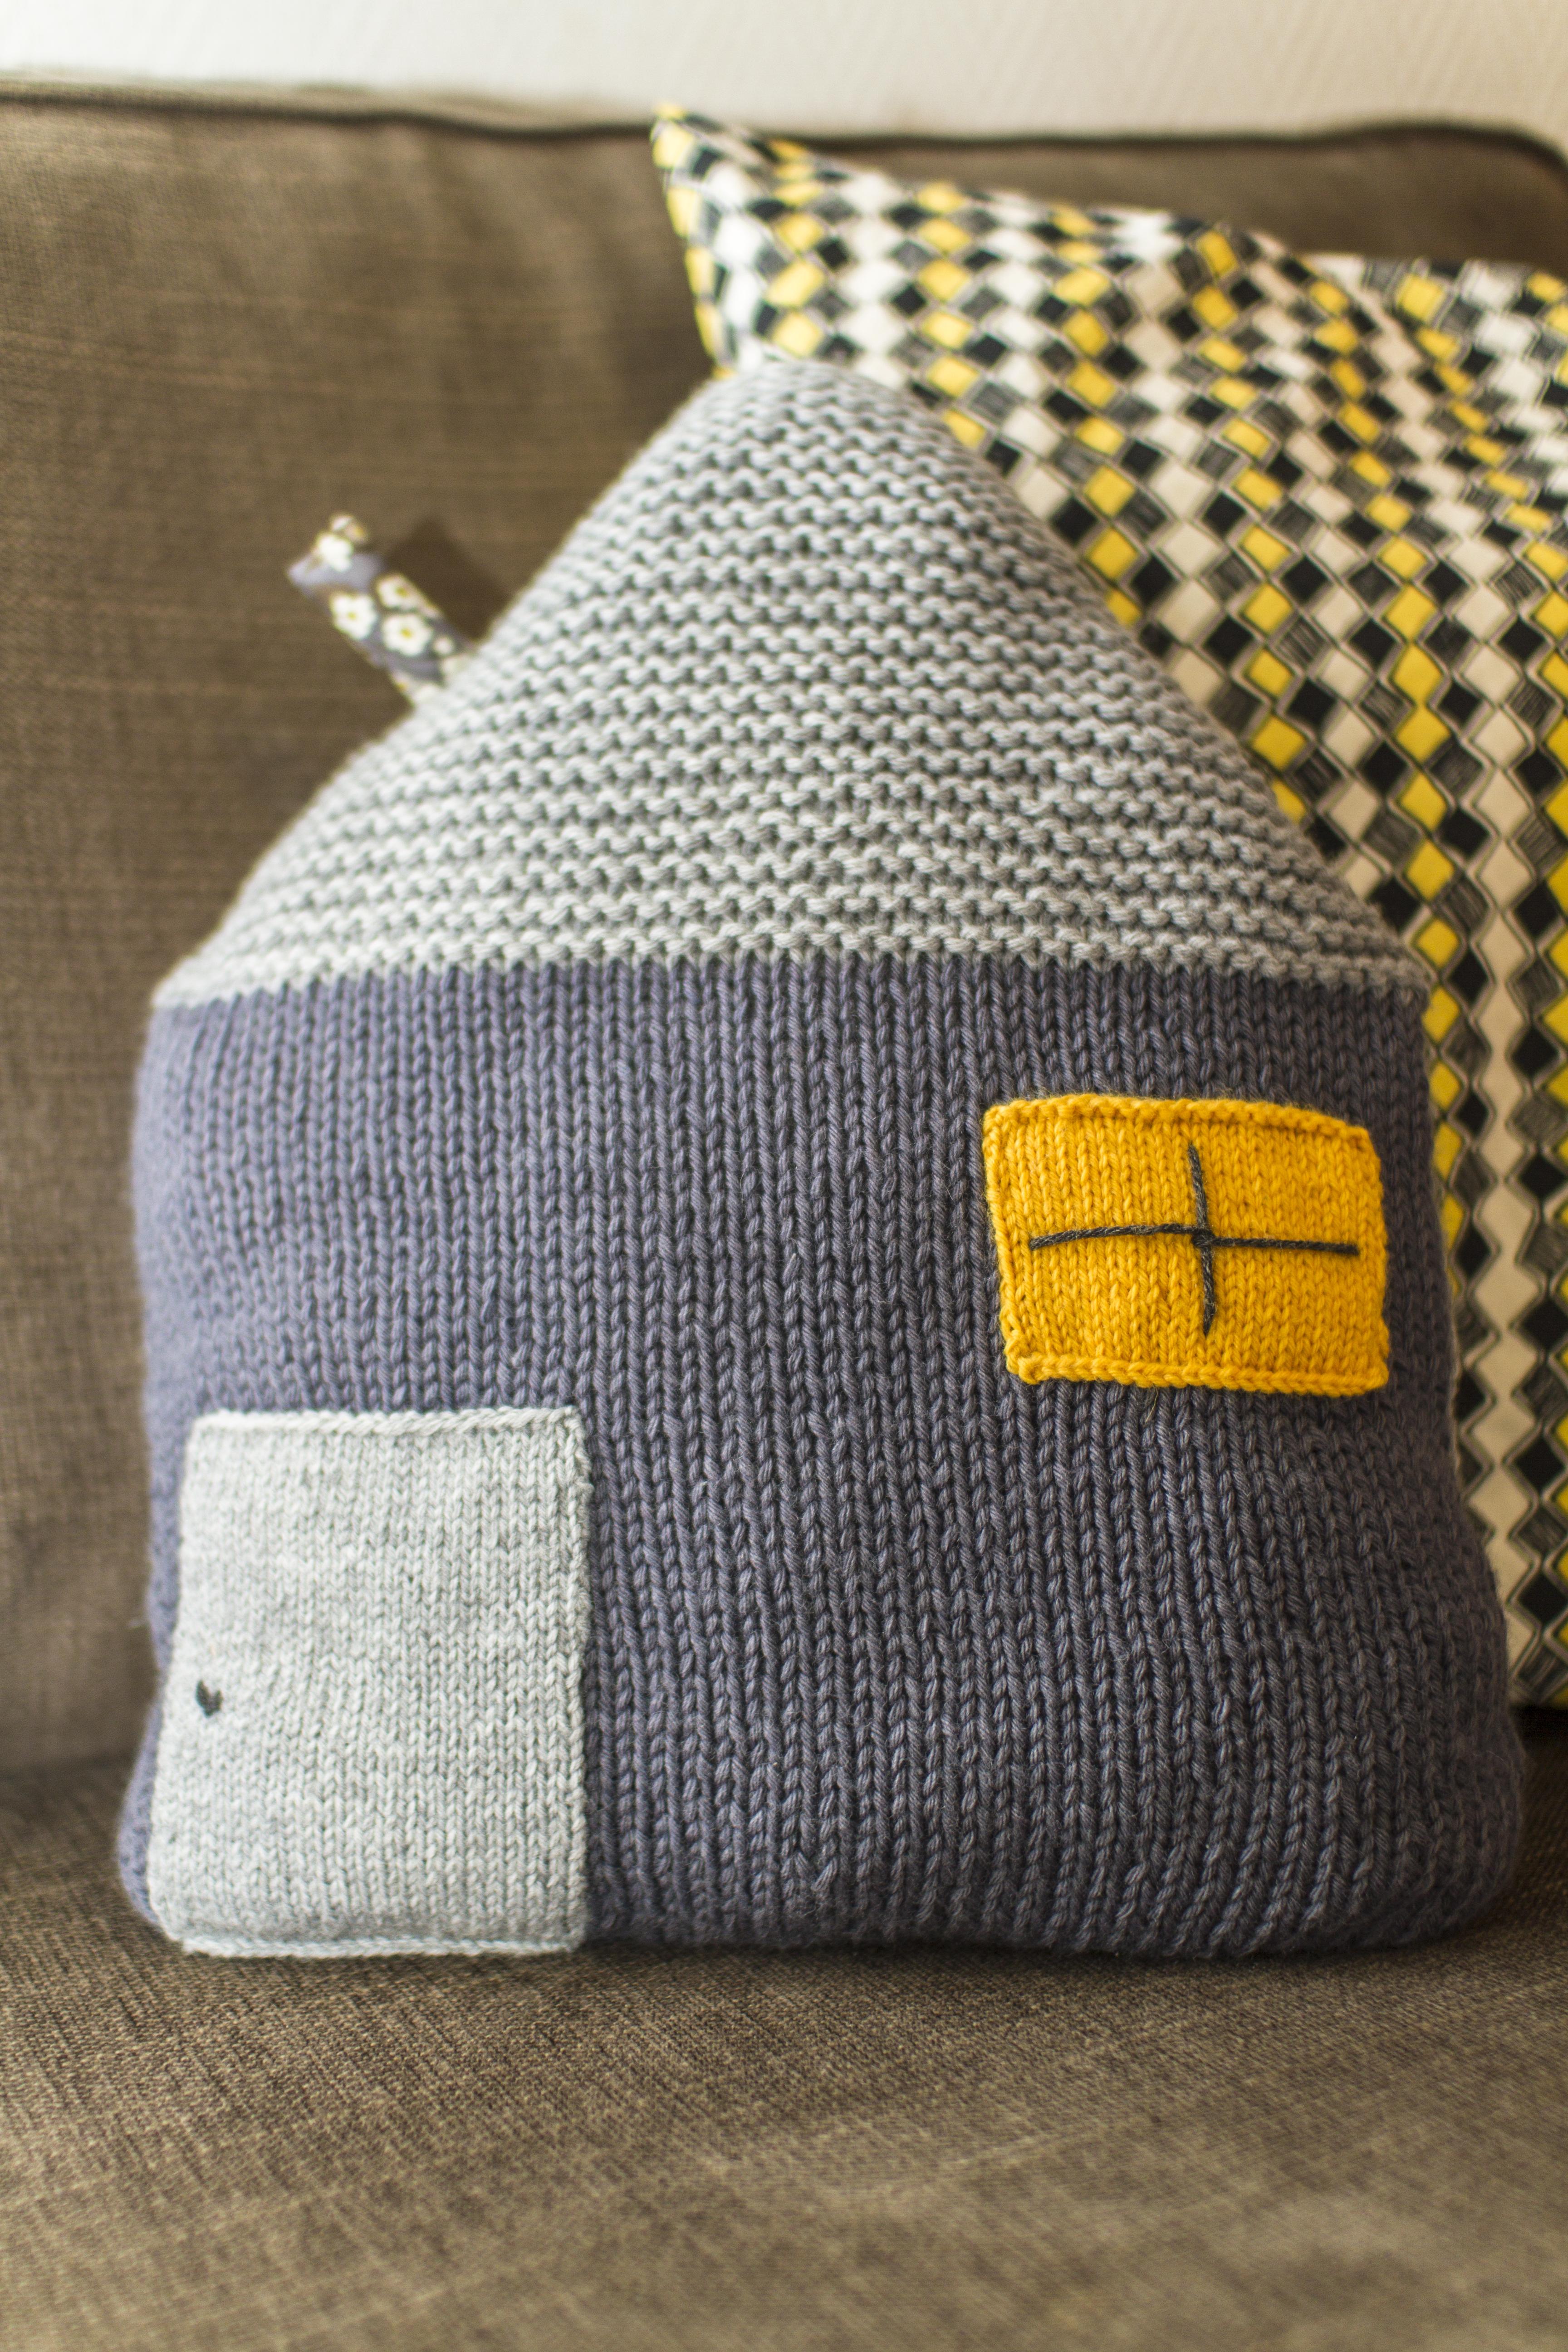 maison coussin Coussin maison au tricot et Liberty | De la laine dans le métro… maison coussin